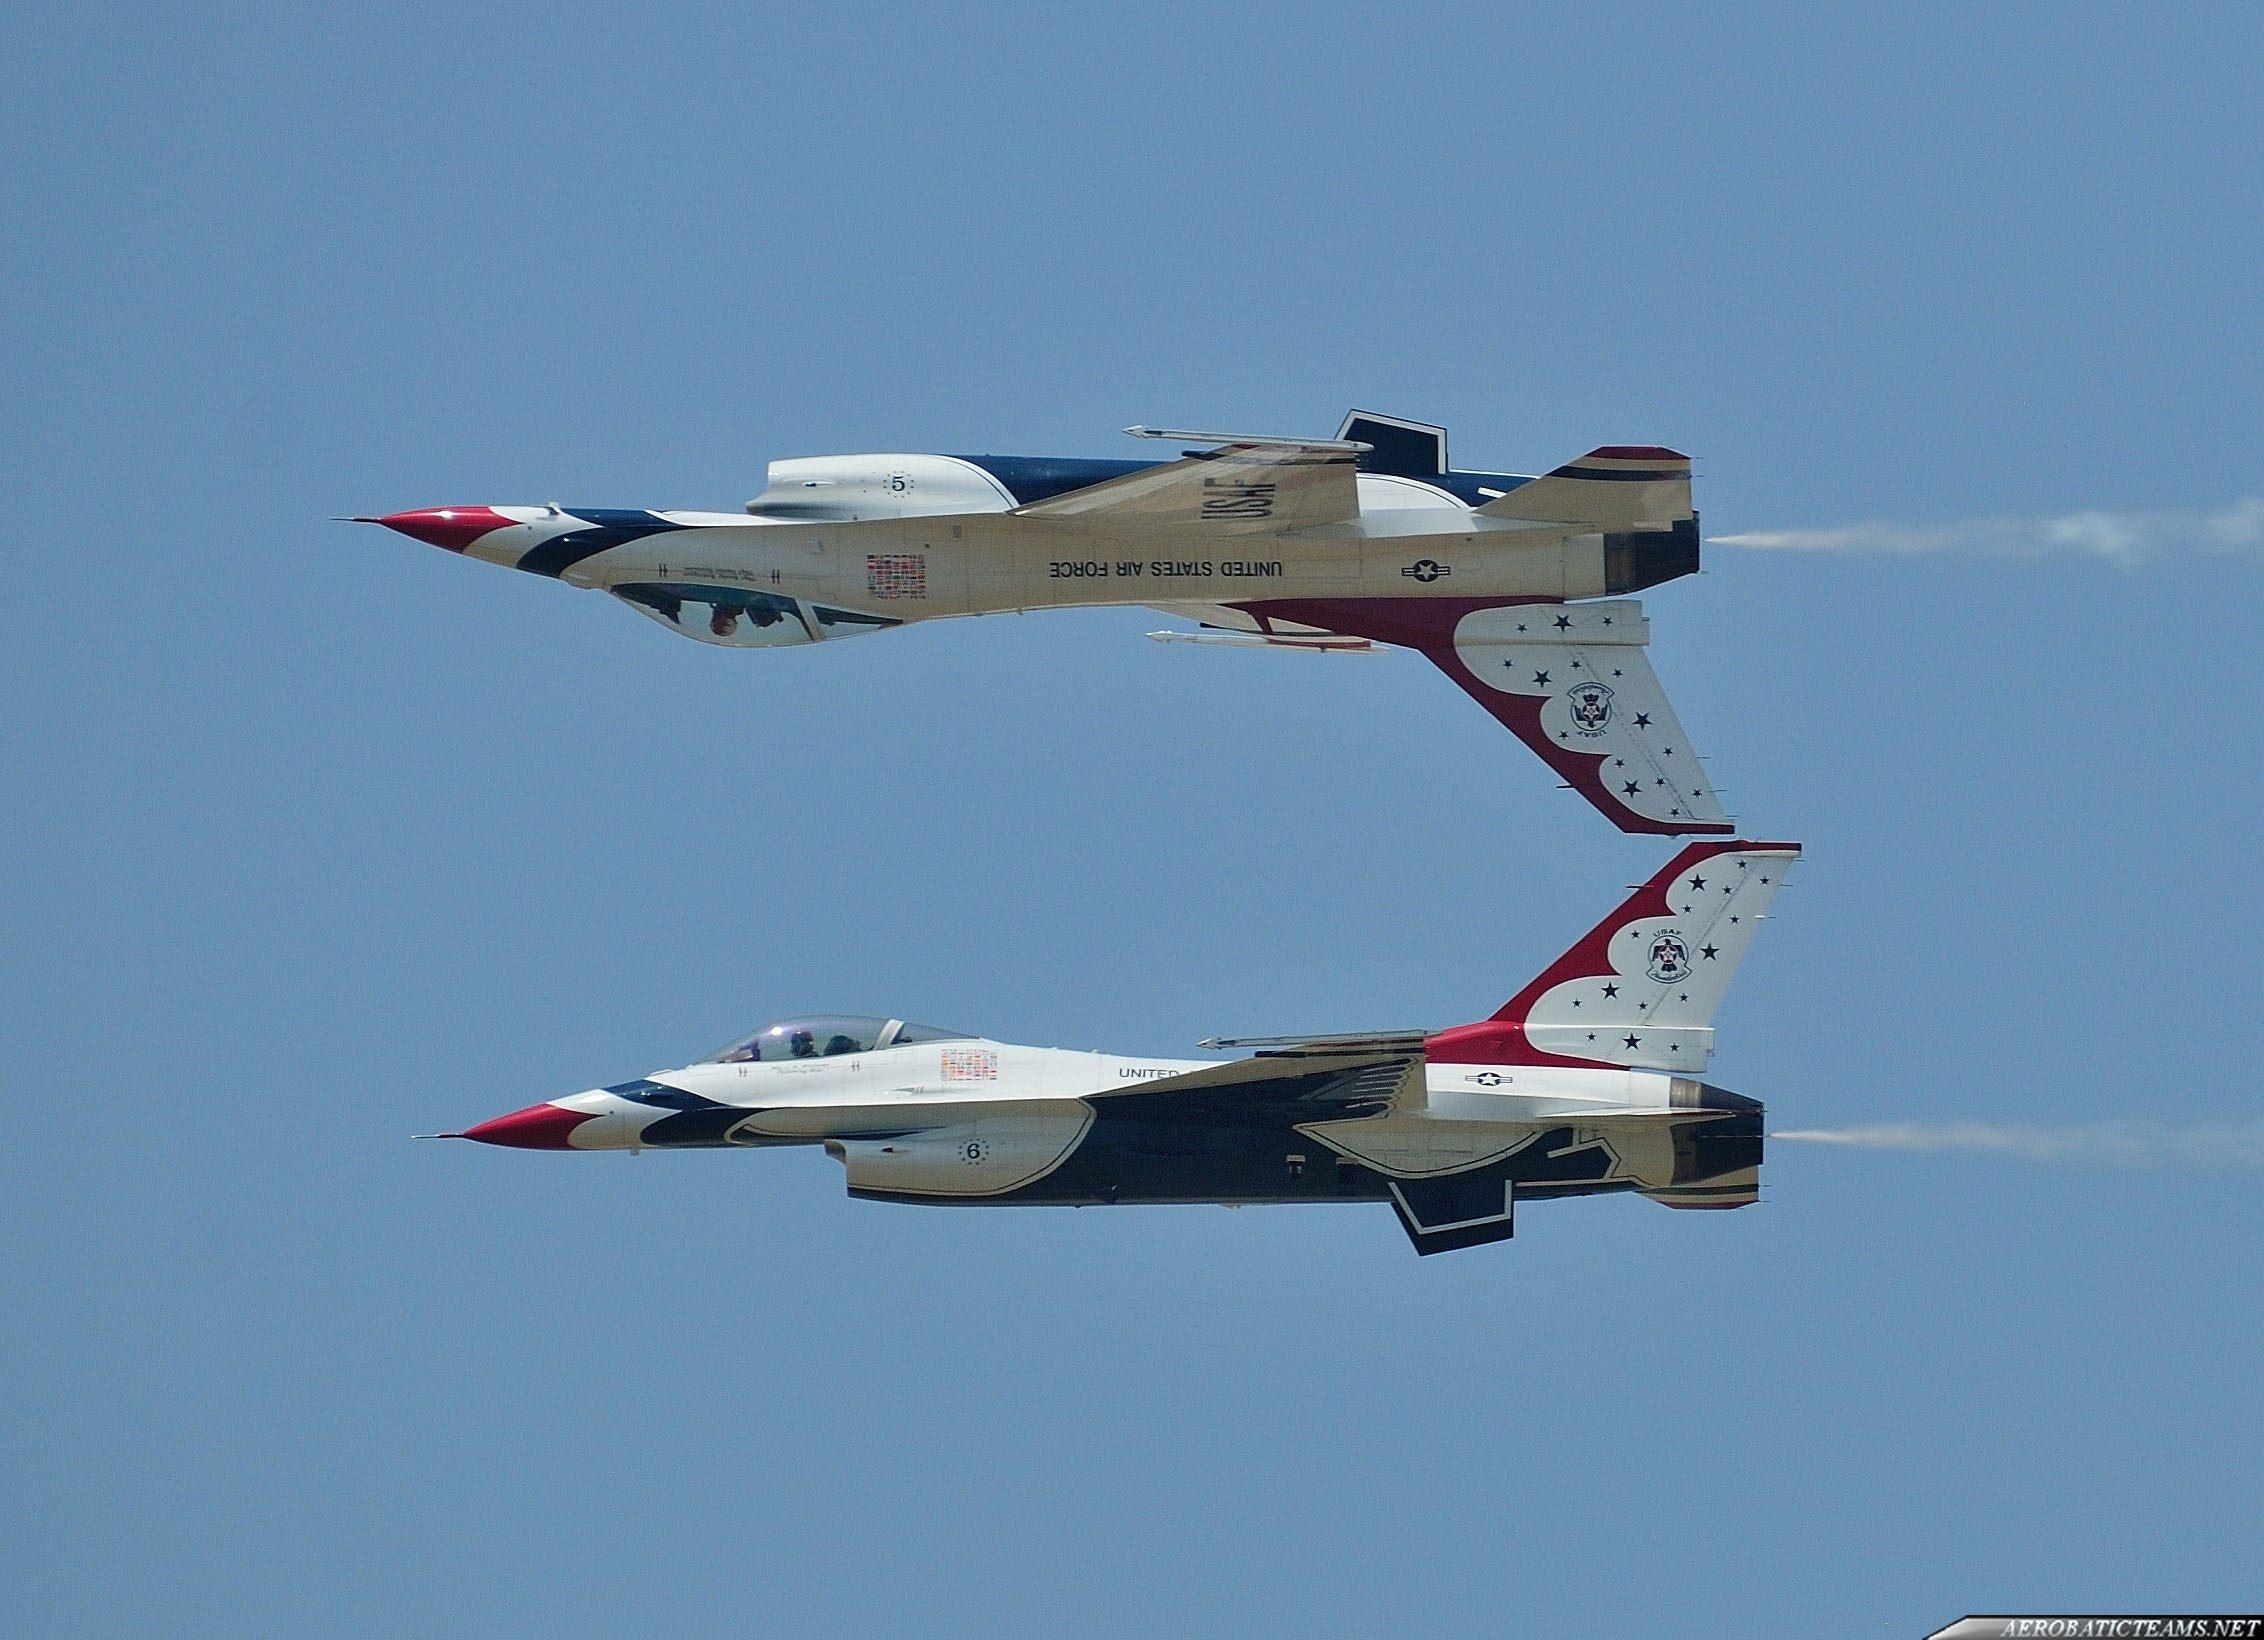 USAF Thunderbirds 2017 schedule